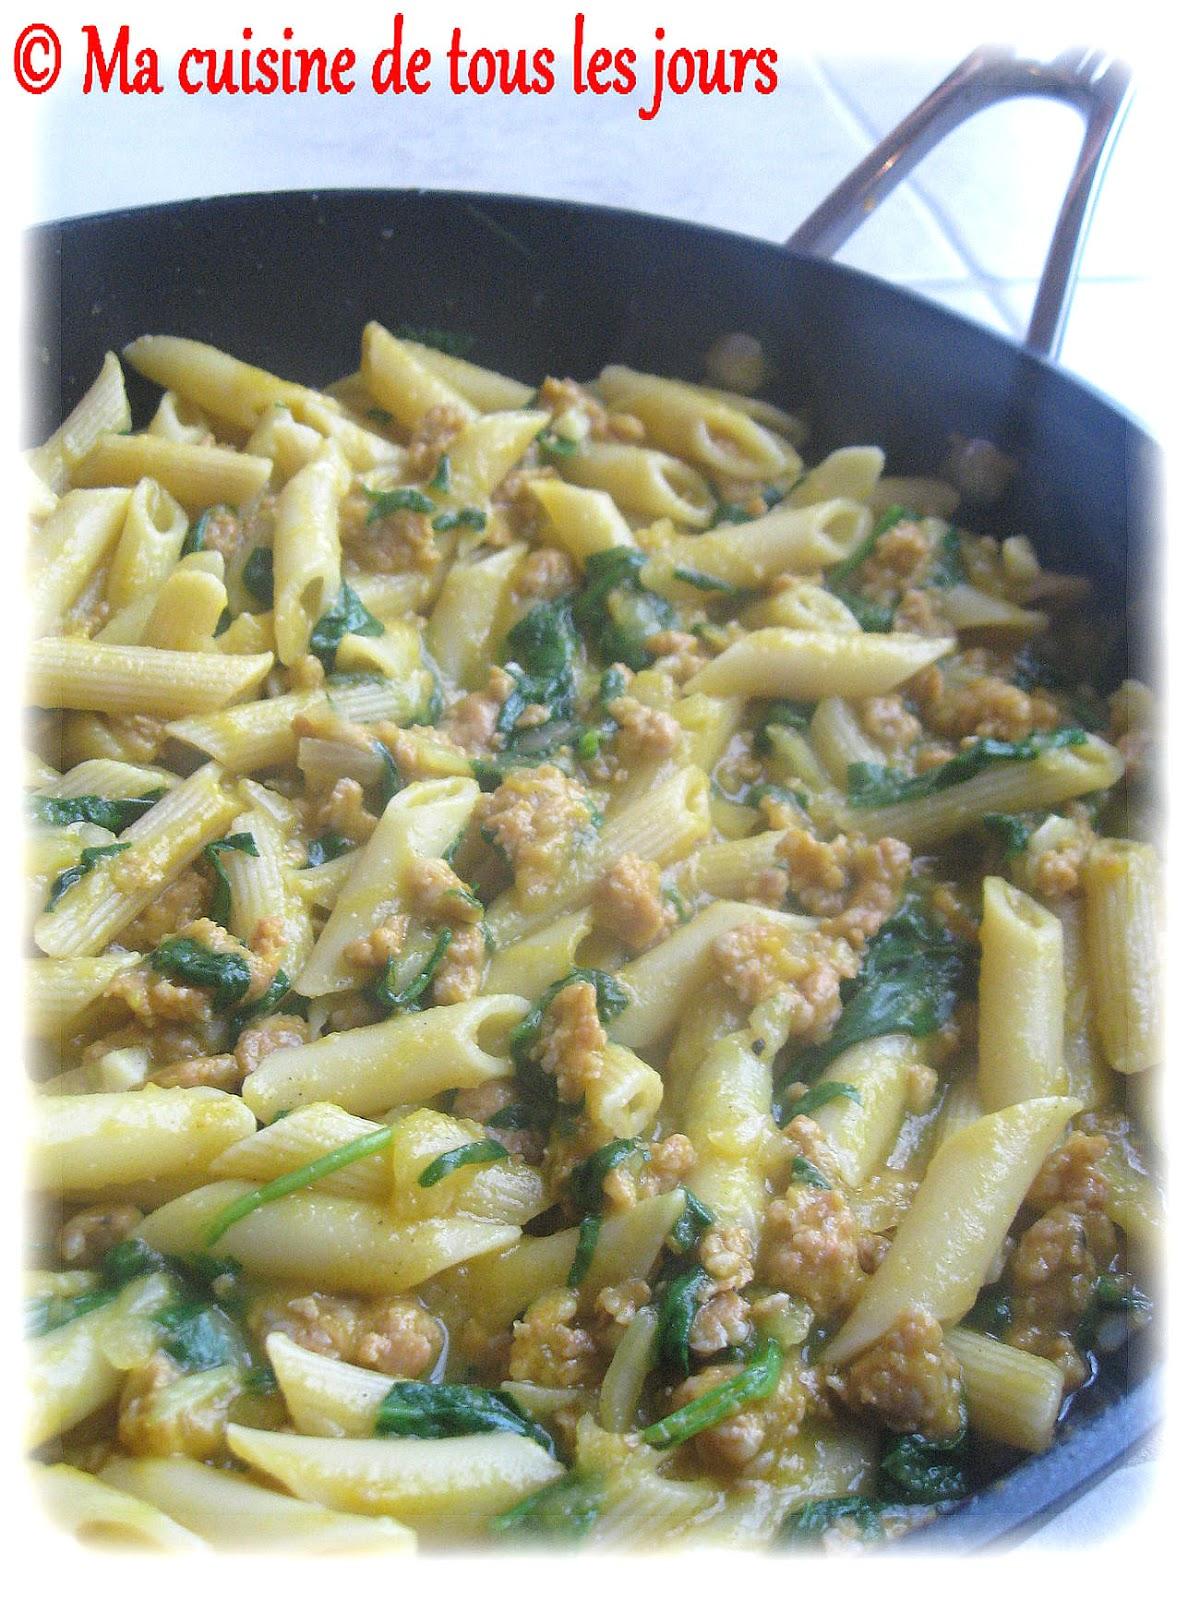 Ma cuisine de tous les jours mars 2013 - Cuisine de tous les jours ...